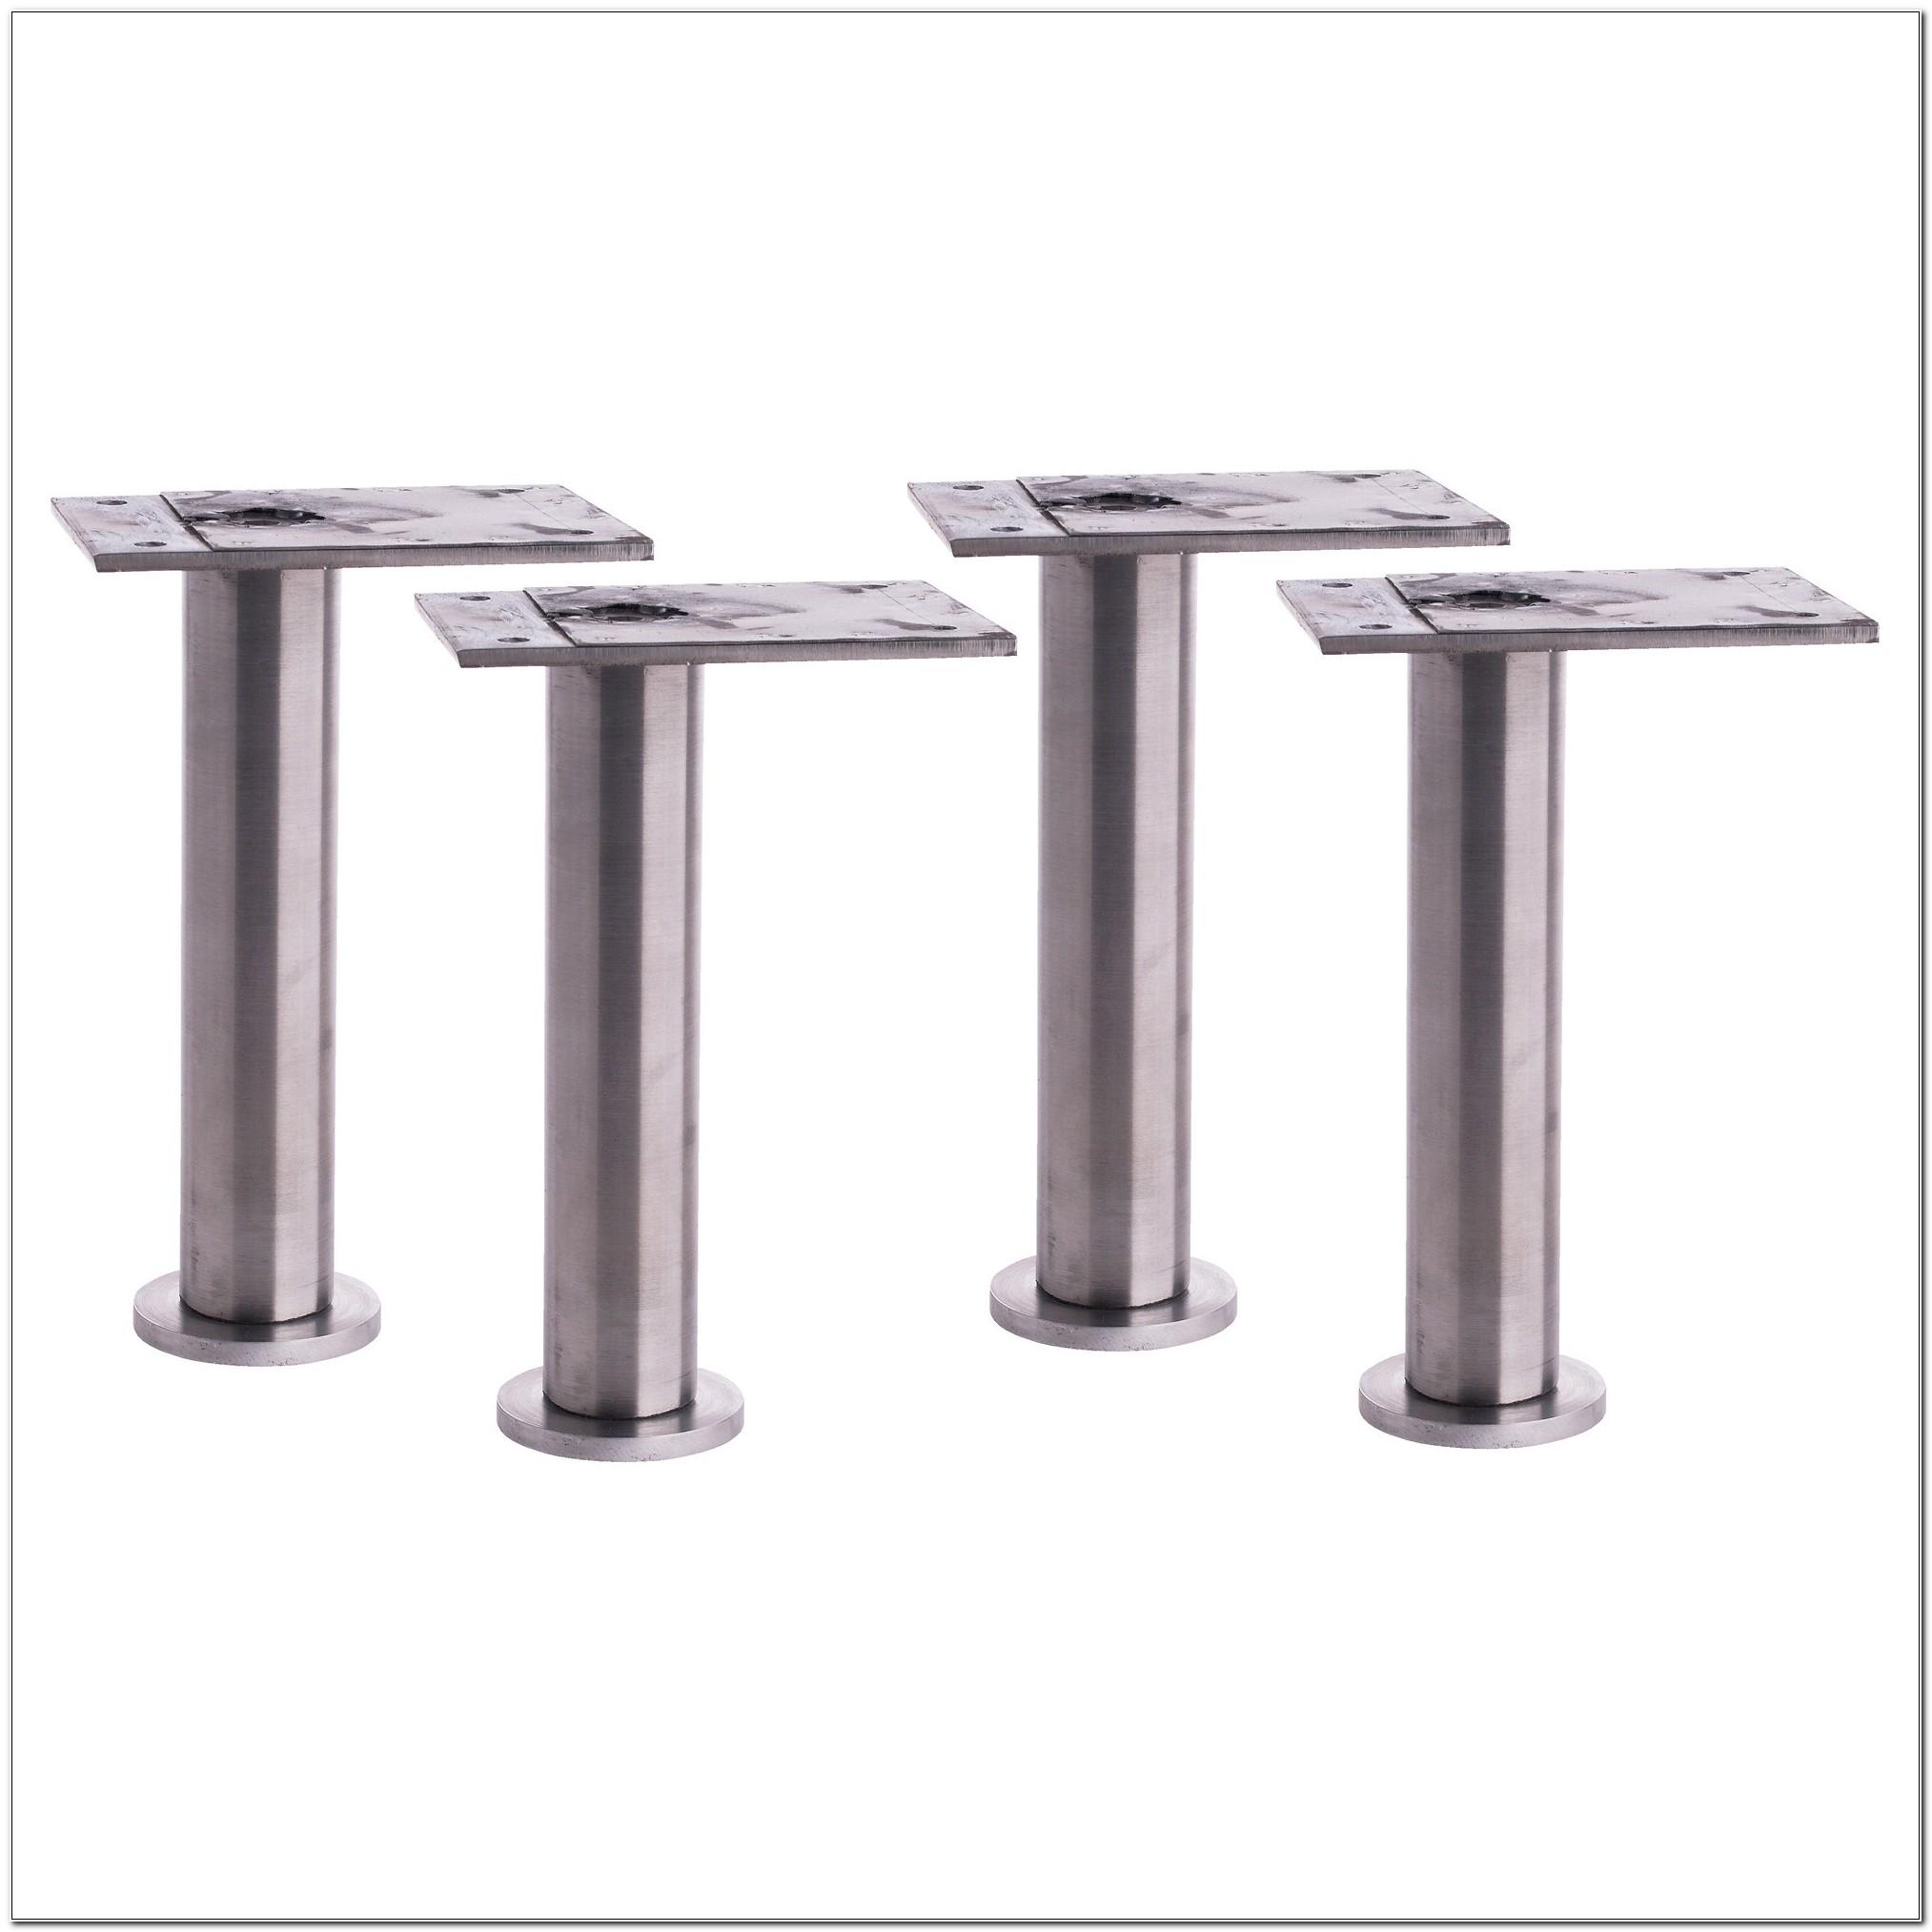 Ikea Stainless Steel Cabinet Legs